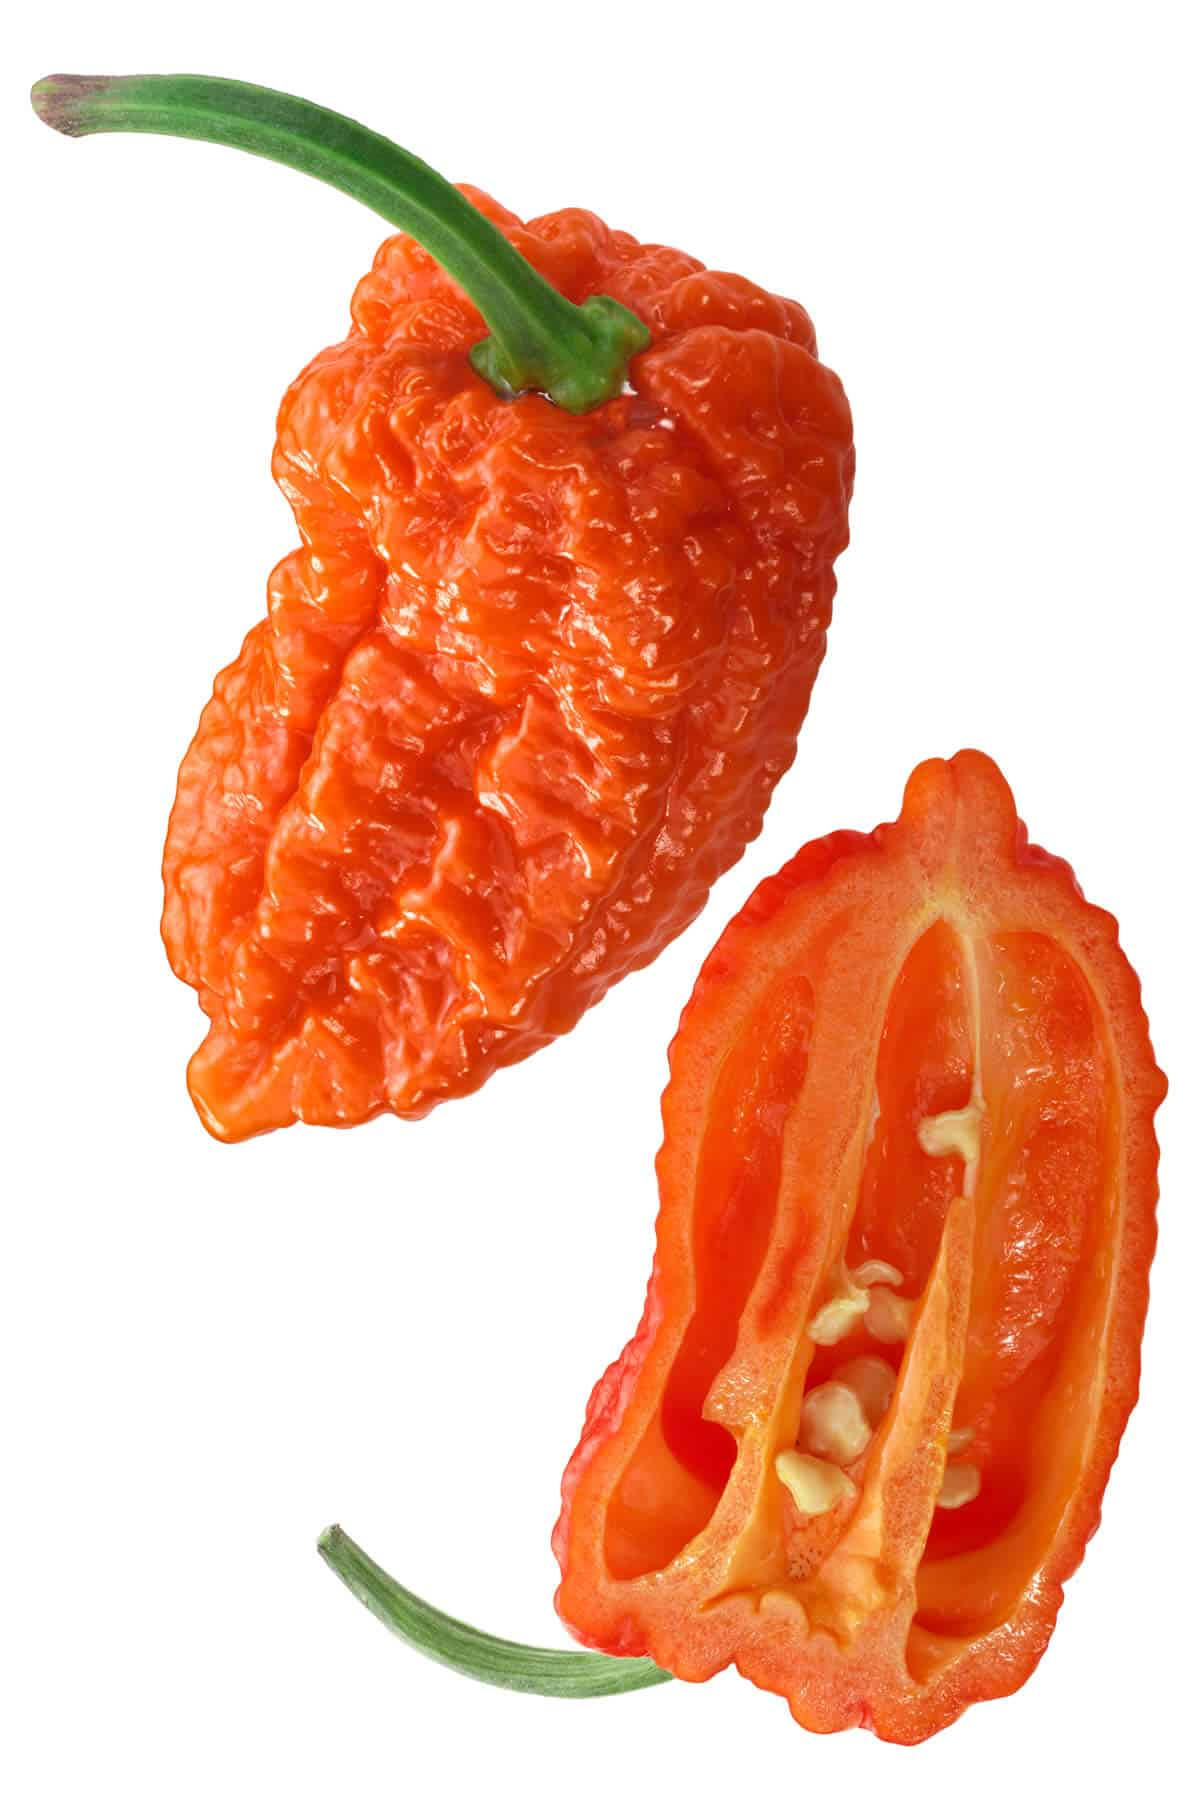 Naga Morich: Superhot Pepper from Bangladesh